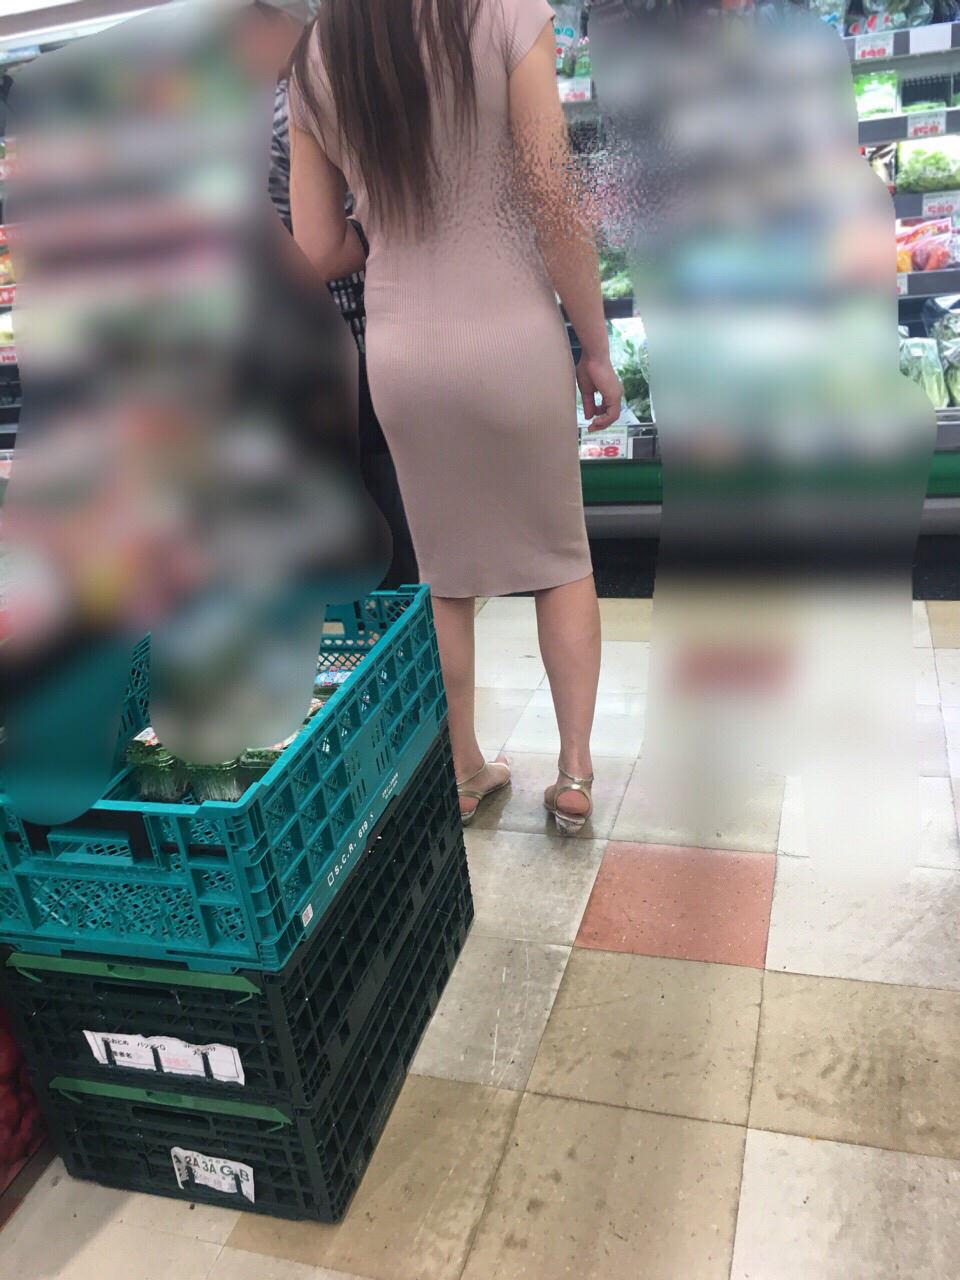 スーパーで透けパンしてる美女を発見!